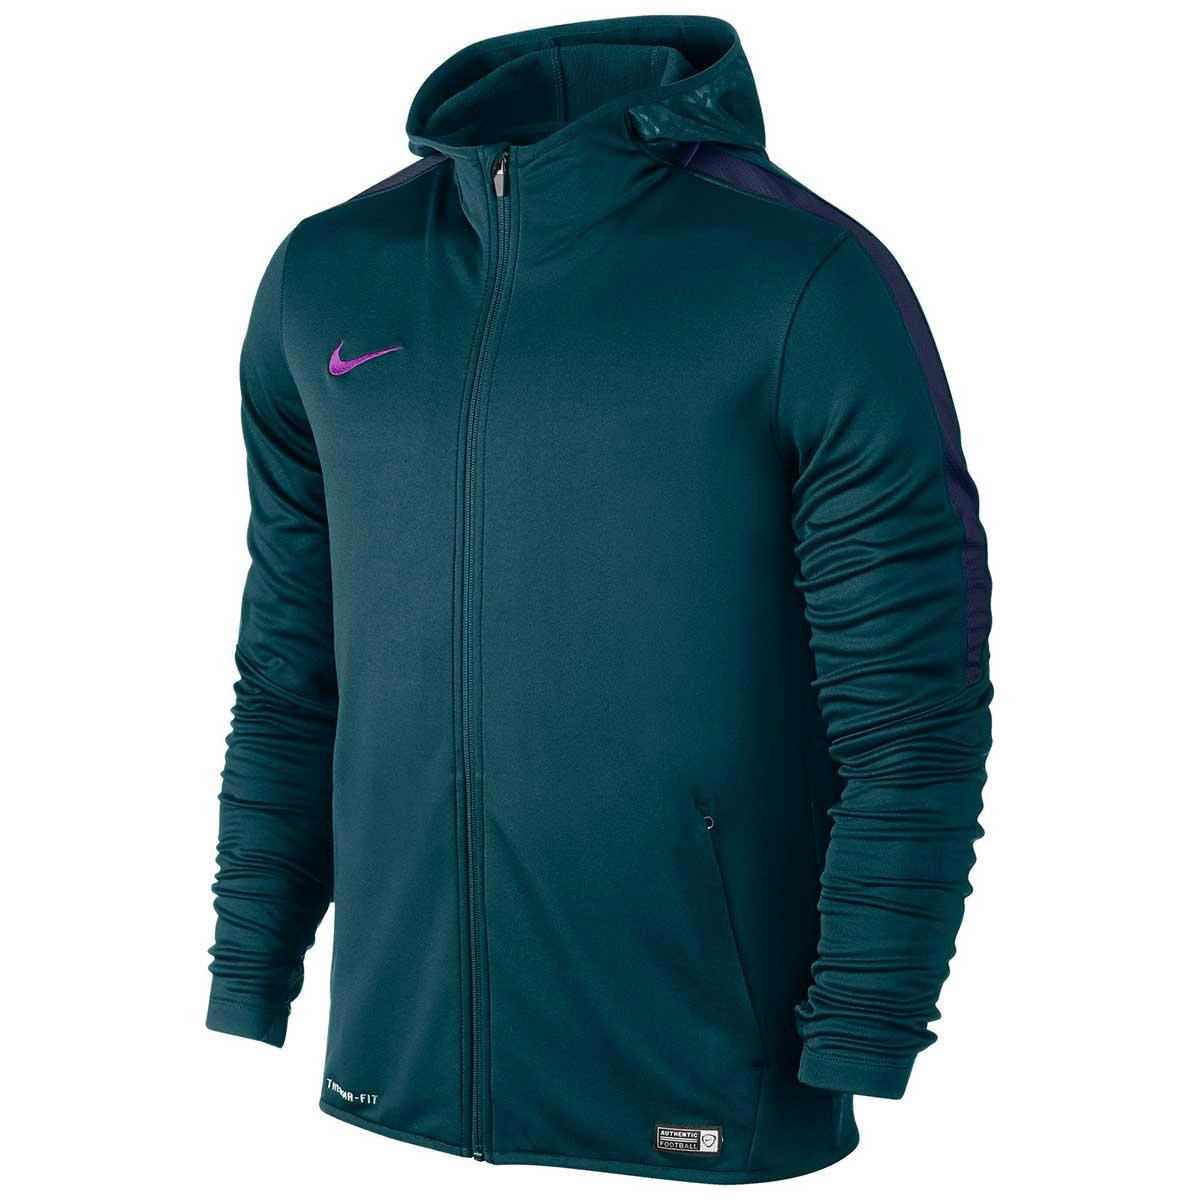 Jackets, Men's Sportswear, Clothing, Buy, Nike, Nike Full Zip Hoodie Jacket  (Green/Black)